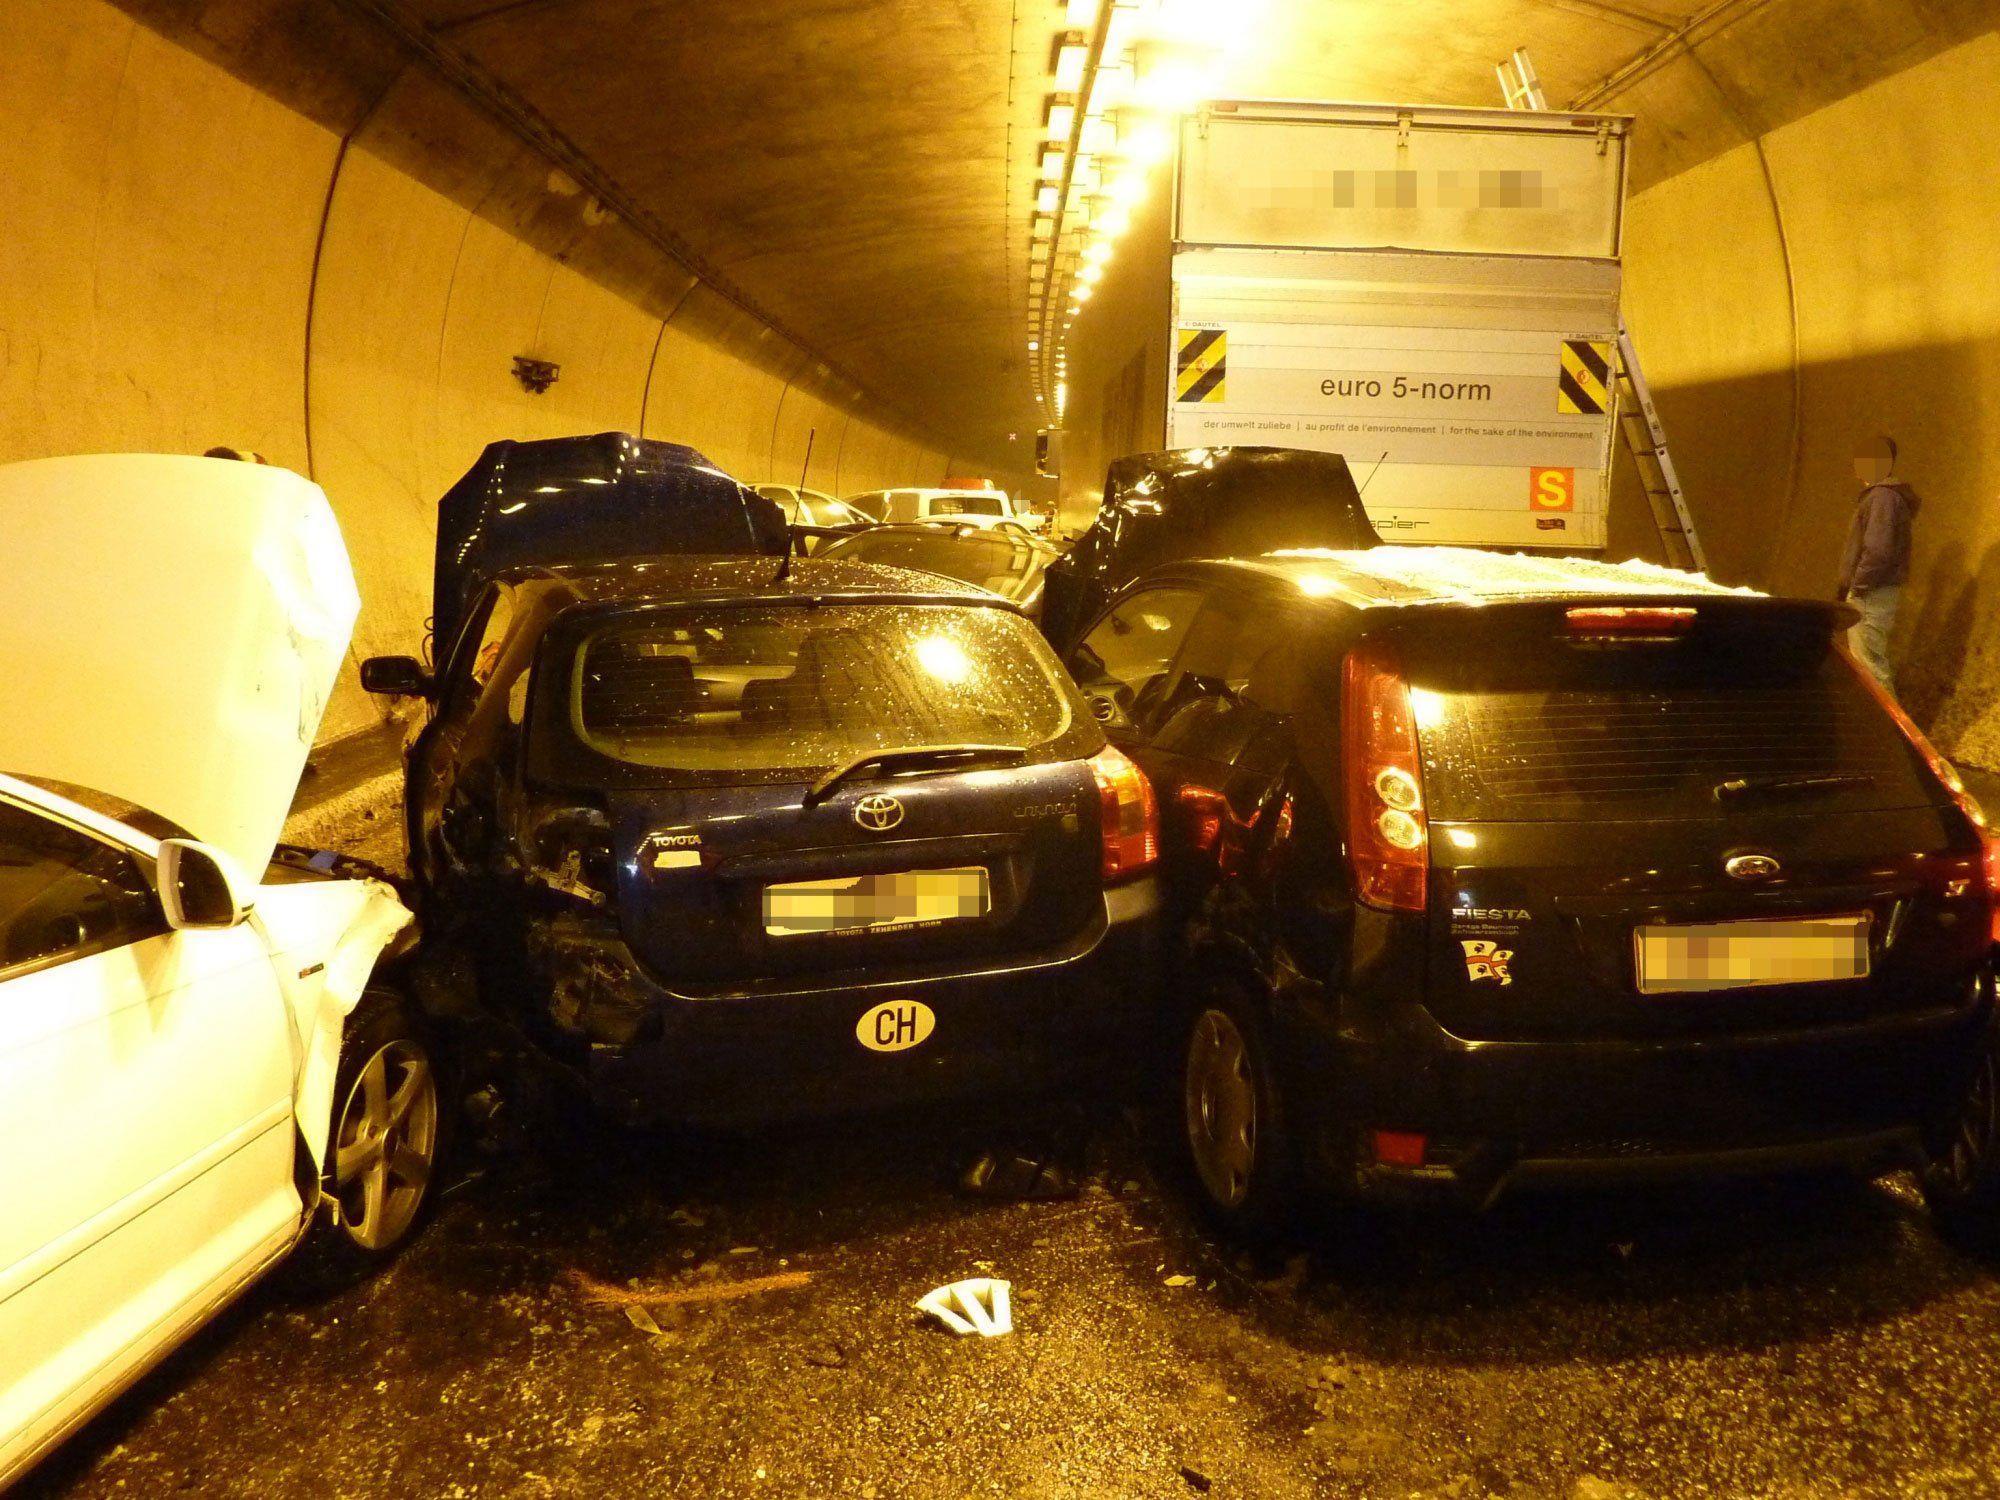 16 Fahrzeuge wurden in die Massenkarambolage im Rosenbergtunnel in St. Gallen verwickelt.